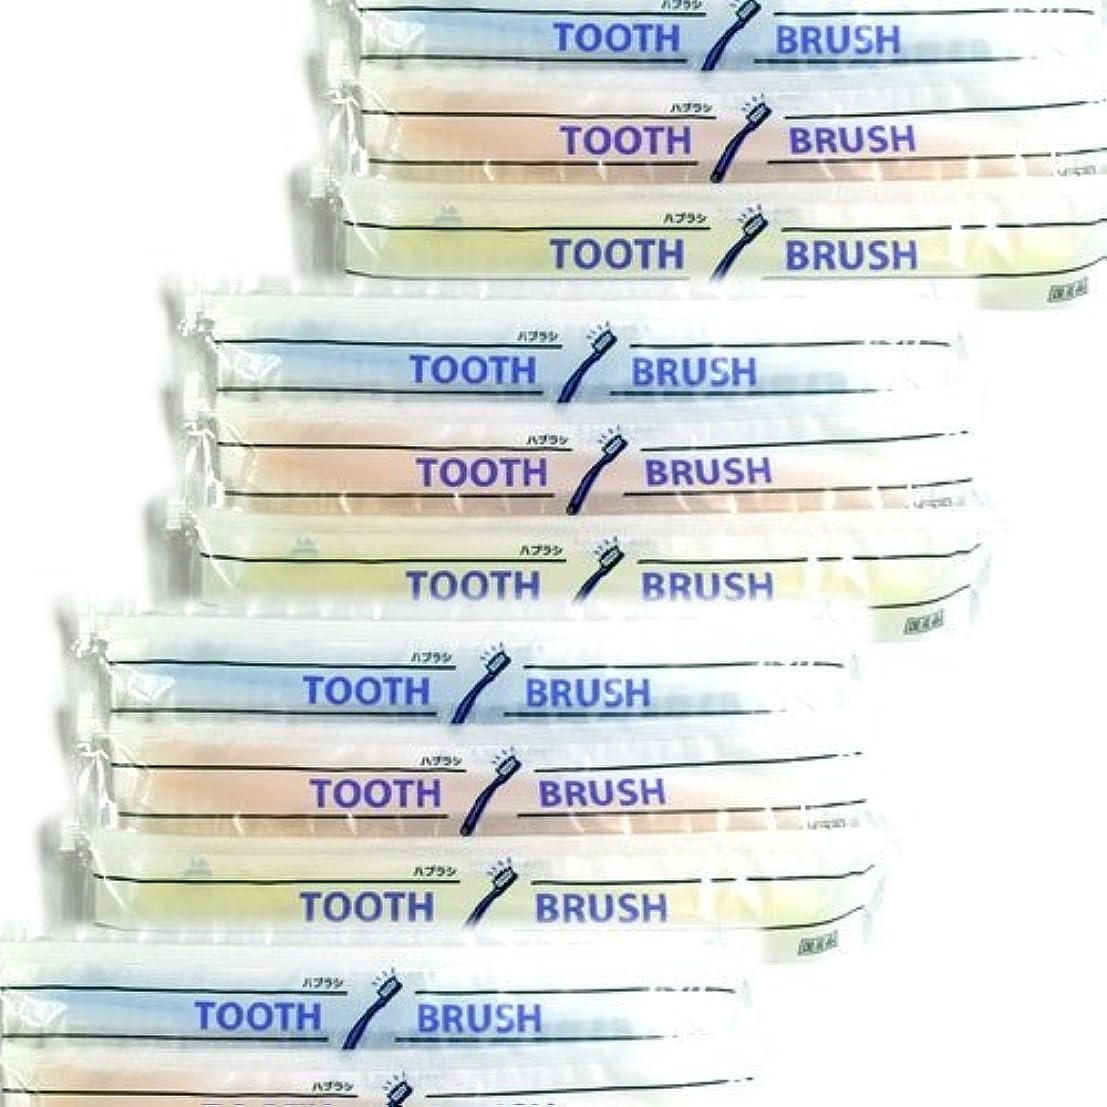 寓話ピュー教師の日ホテルアメニティ 業務用 使い捨て(インスタント) 粉付き歯ブラシ × 30個セット